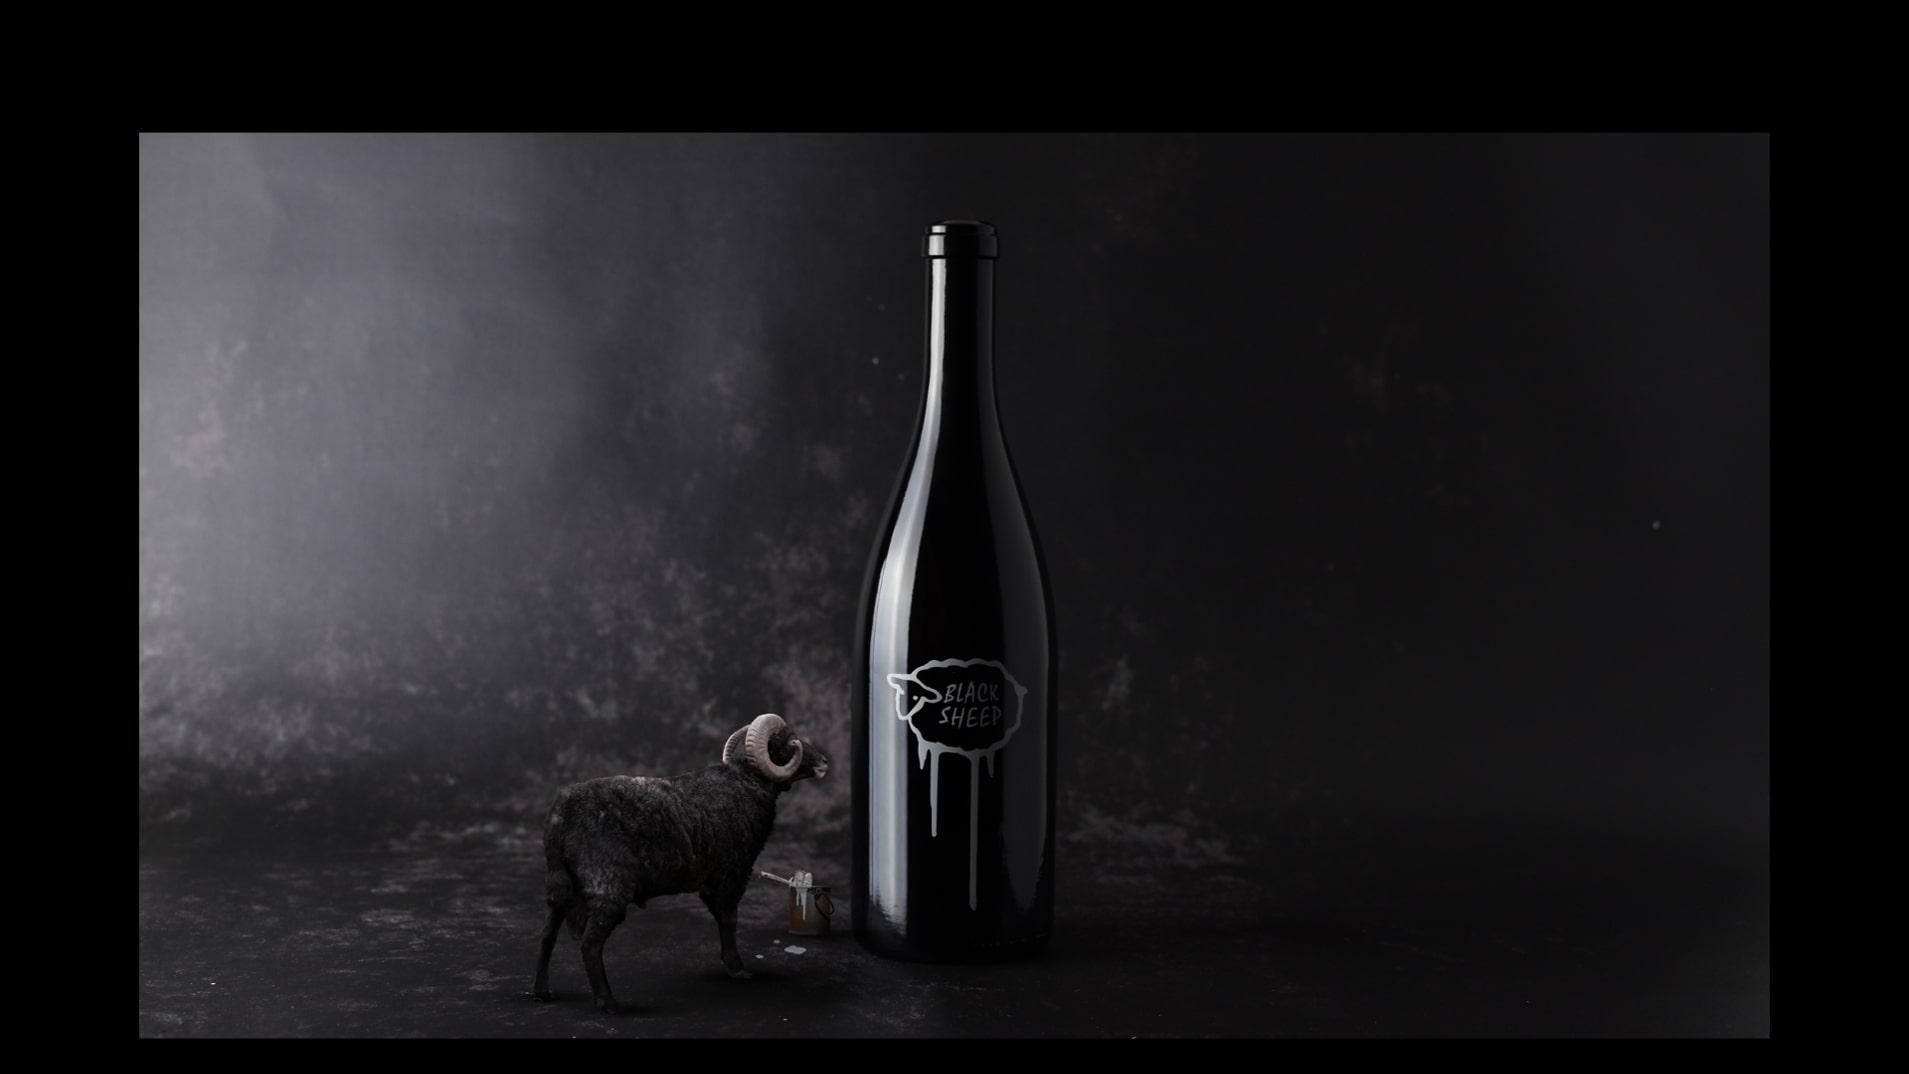 Abbildung einer Mockupgrafik zur Weinflaschenetikette Black Sheep